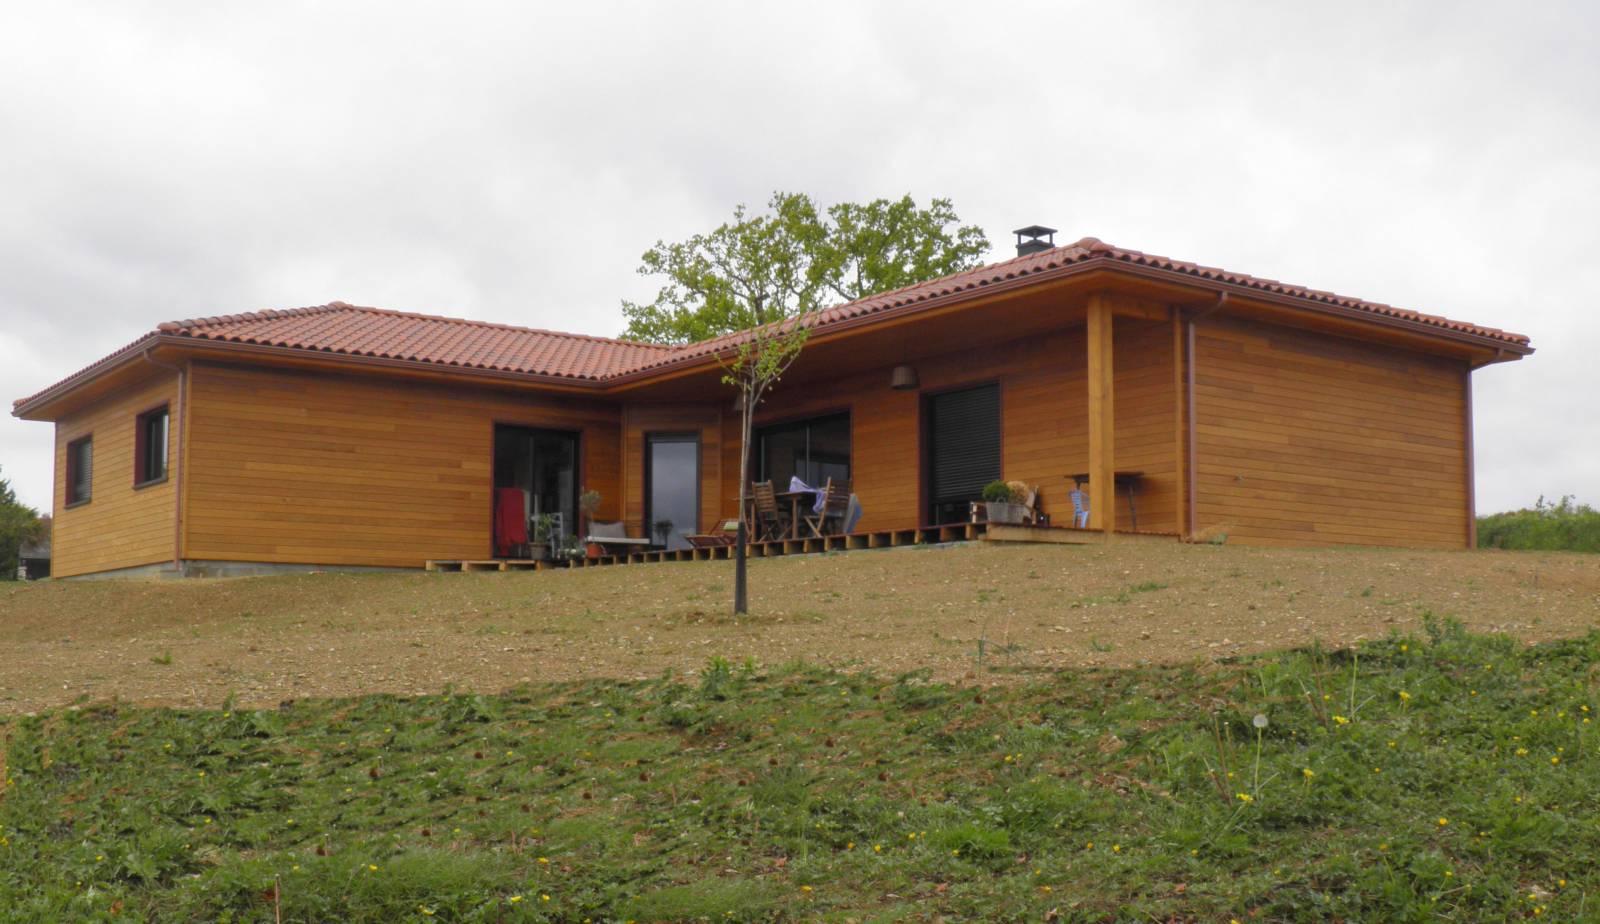 Constructeur maison bois hautes pyrenees for Constructeur maison bois 51